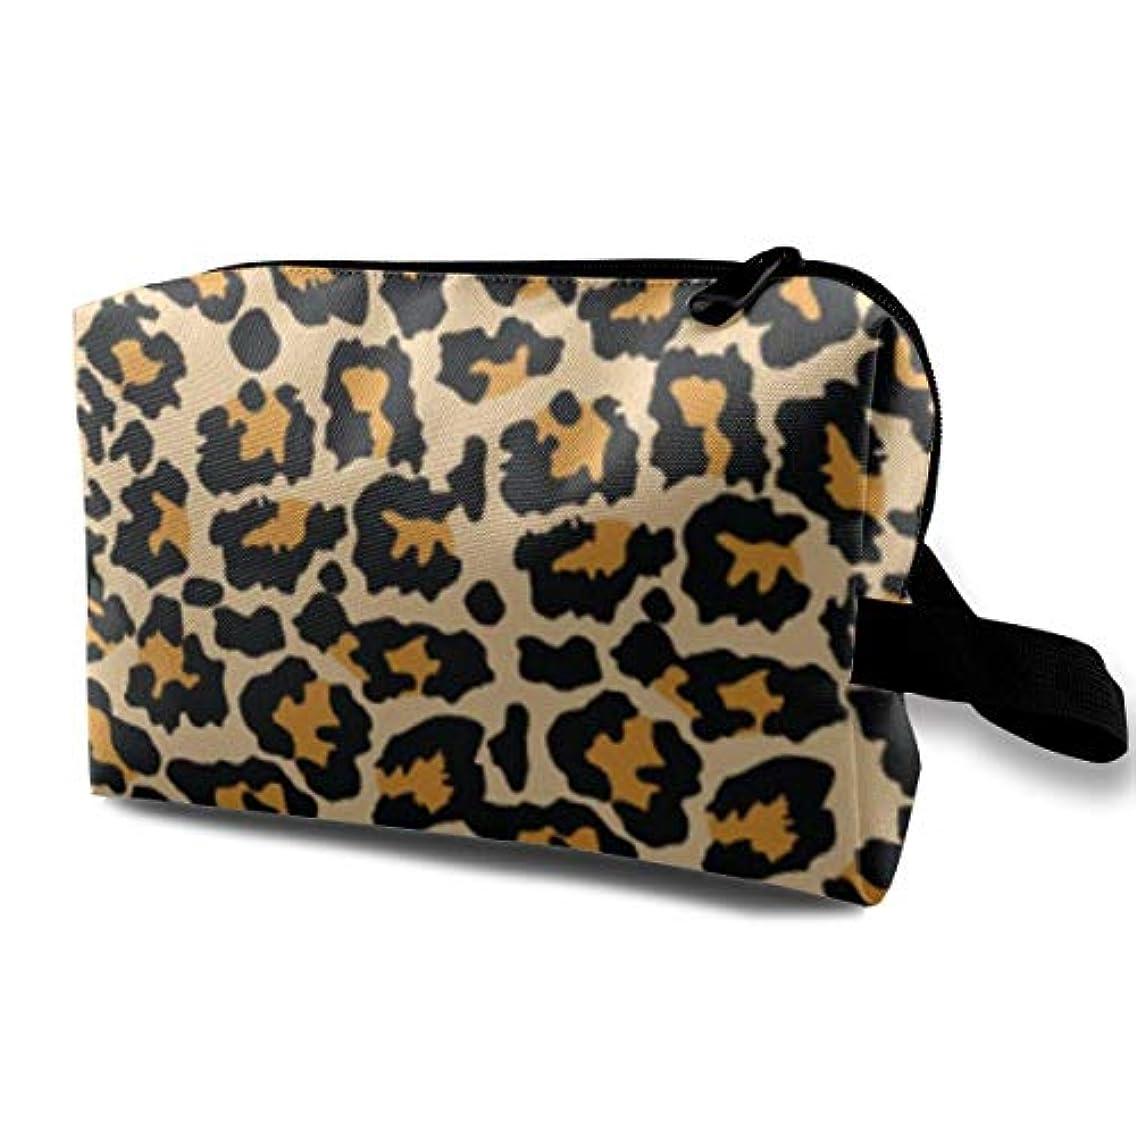 散歩怪物ガソリンSexy Animal Leopard 収納ポーチ 化粧ポーチ 大容量 軽量 耐久性 ハンドル付持ち運び便利。入れ 自宅?出張?旅行?アウトドア撮影などに対応。メンズ レディース トラベルグッズ